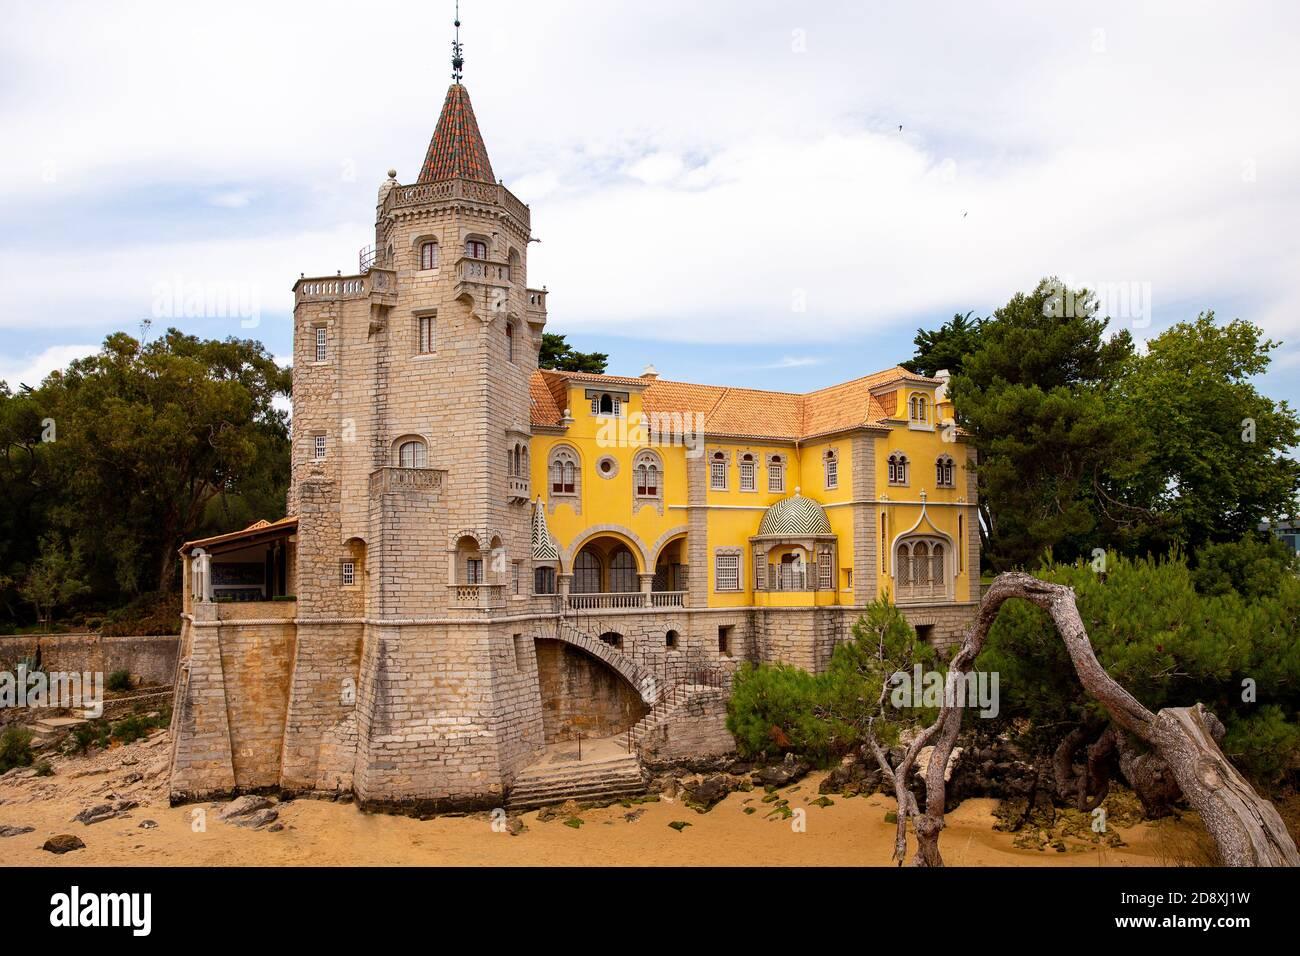 Cascais, Portugal - 7 de agosto de 2018: Construcción del museo Conde Castro Guimaraes en los bonitos jardines de Jardim Marechal Carmona. Foto de stock